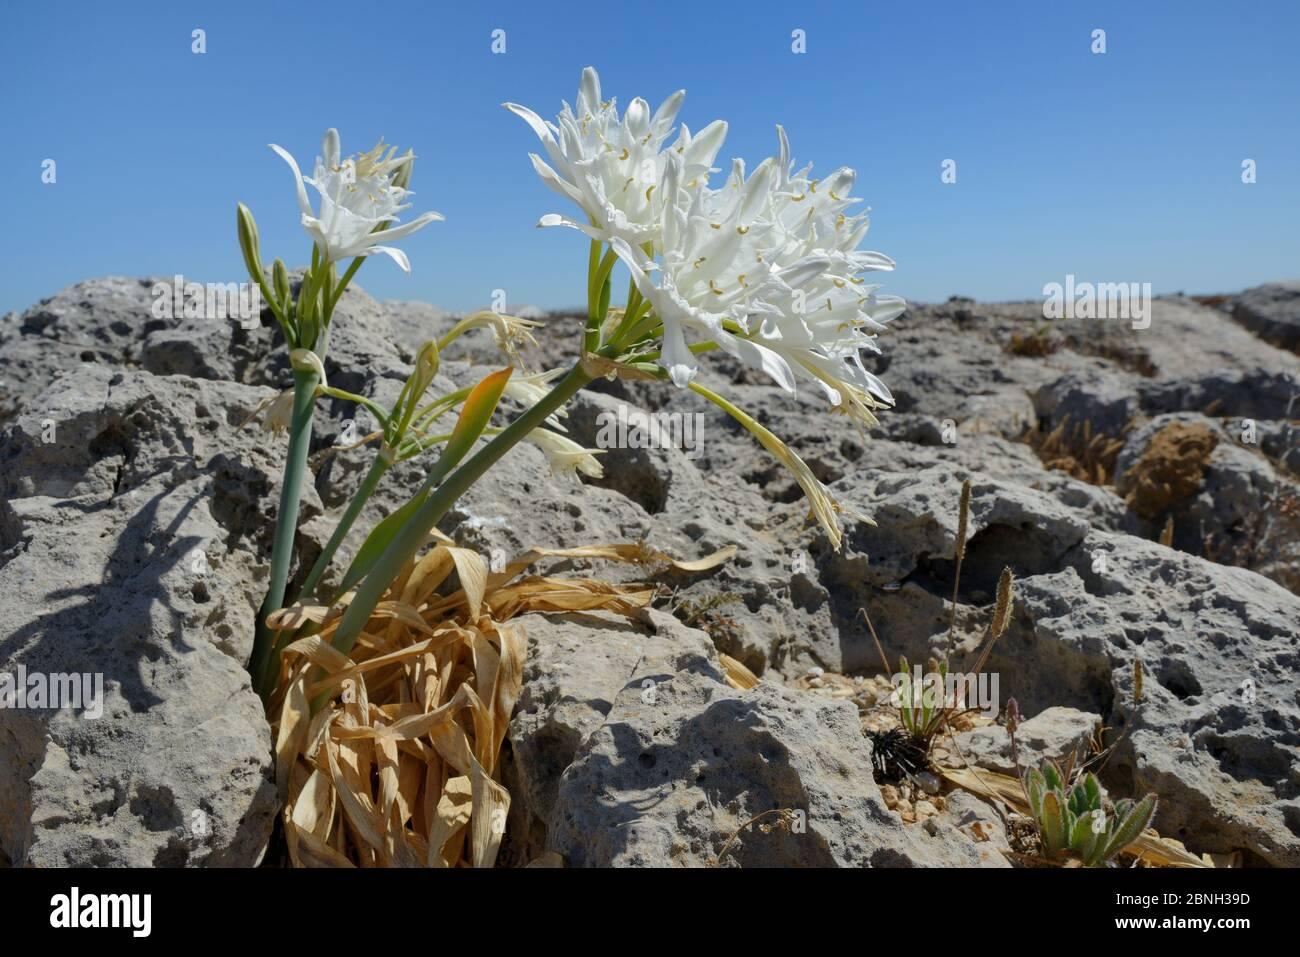 Daffodil de mer / Lys de mer (Pancratium maritimum) floraison parmi les roches calcaires sur la pointe côtière, Ponta de Sagres, Algarve, Portugal, juillet 2013. Banque D'Images